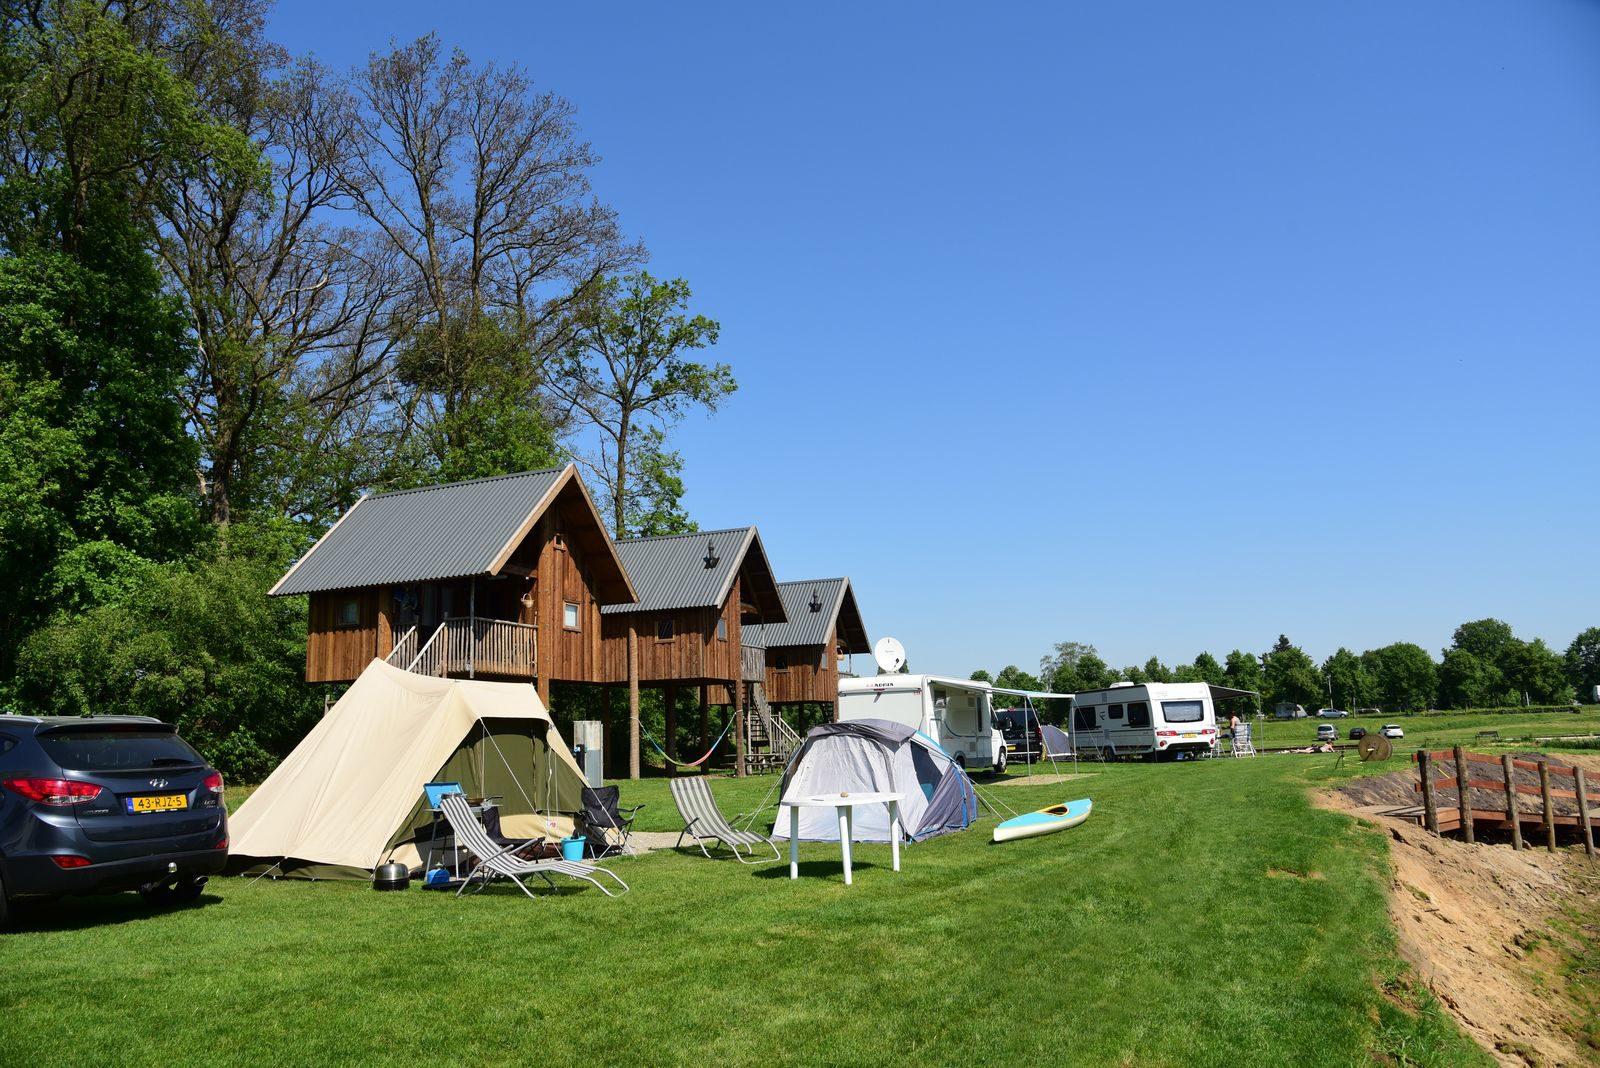 Wahl zum Campingplatz des Jahres 2019